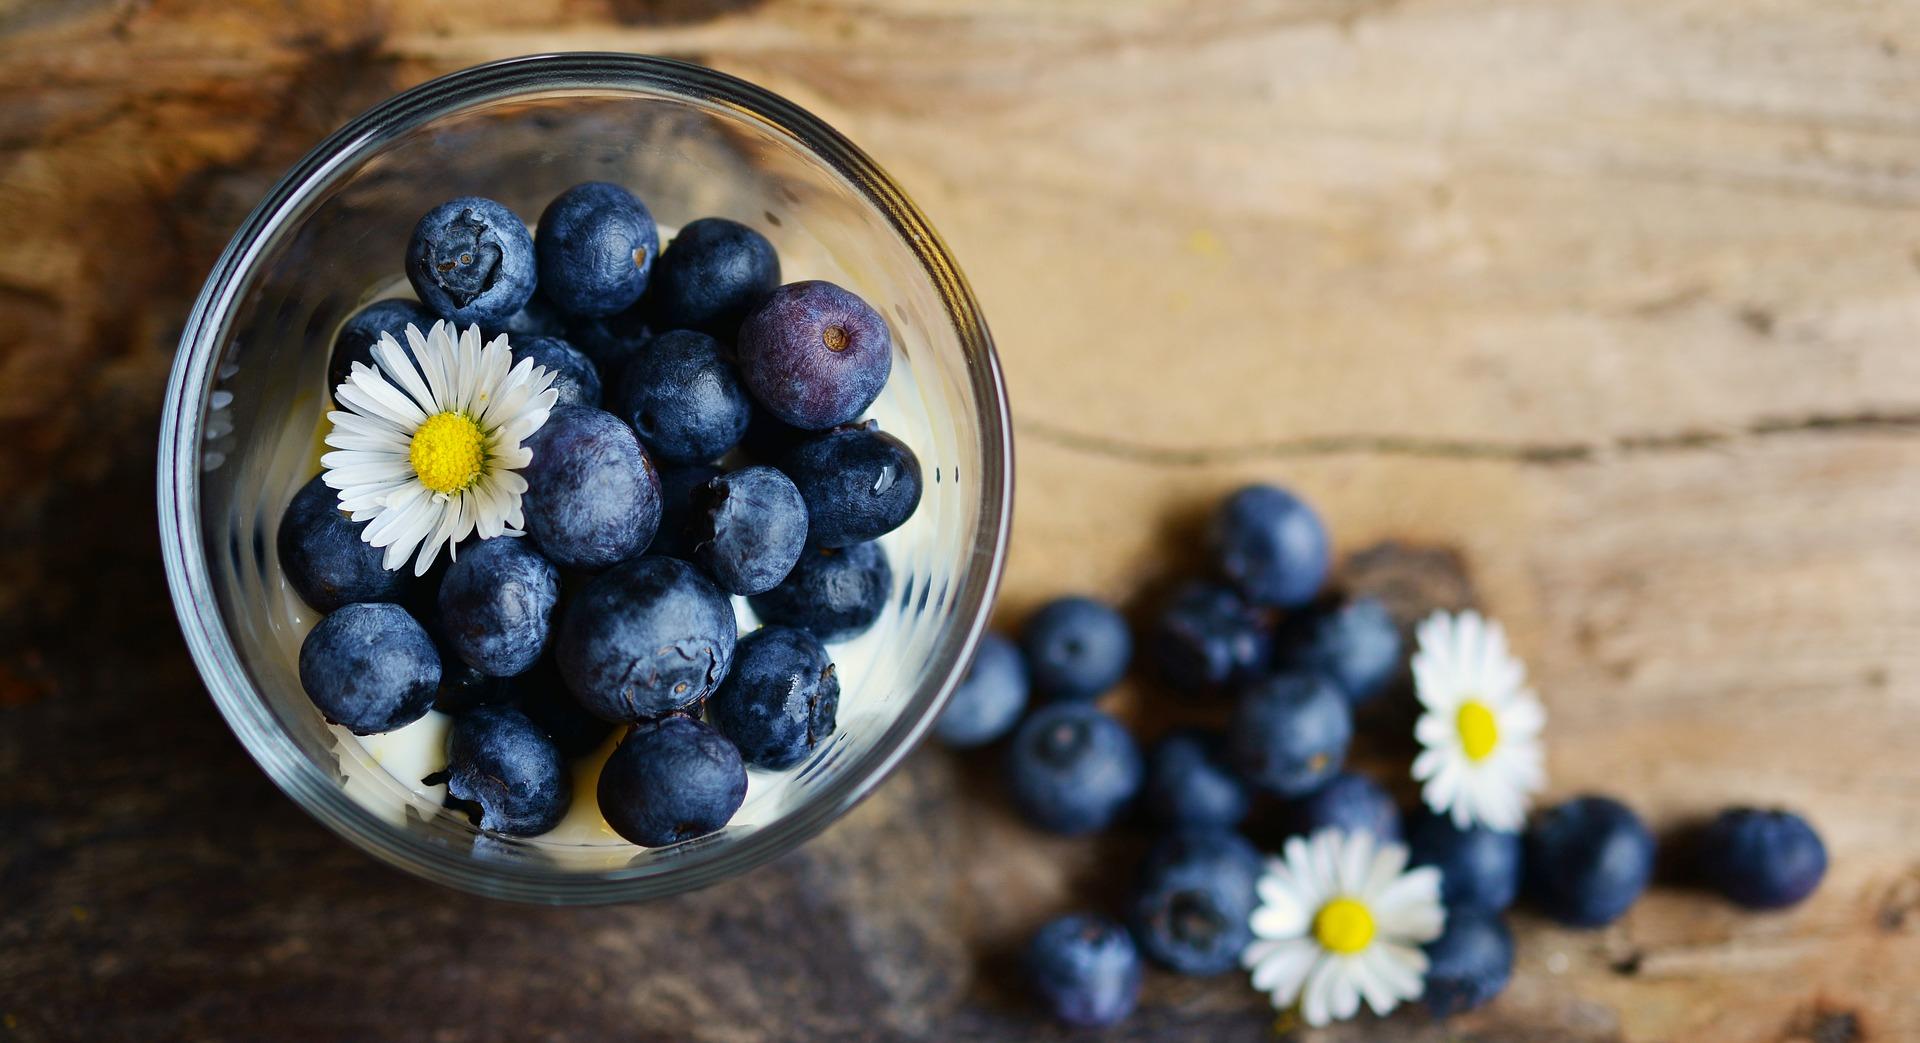 голубика - прекрасное дополнение к вашему завтраку